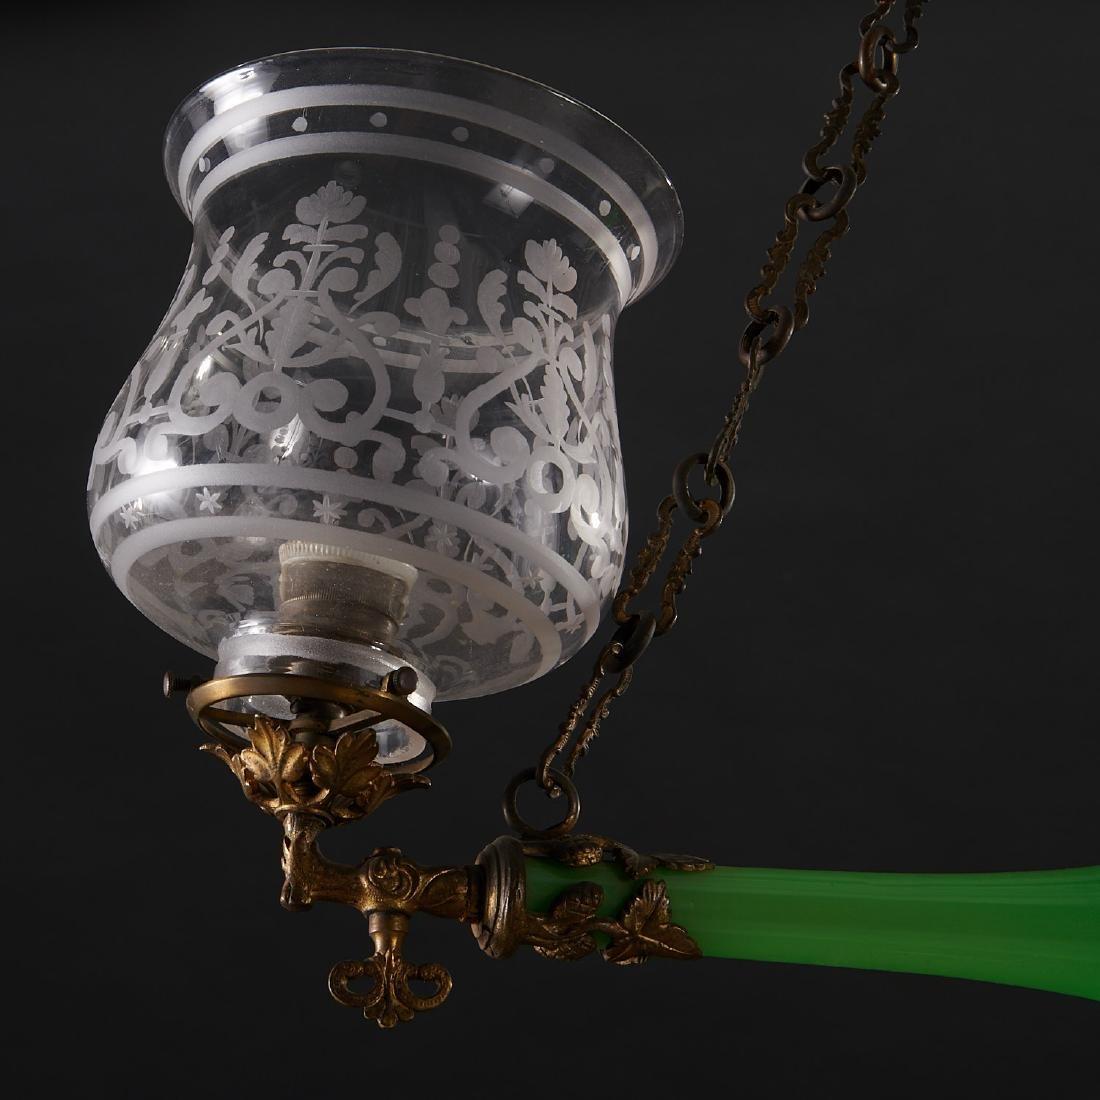 Louis Philippe green opaline glass chandelier - 3